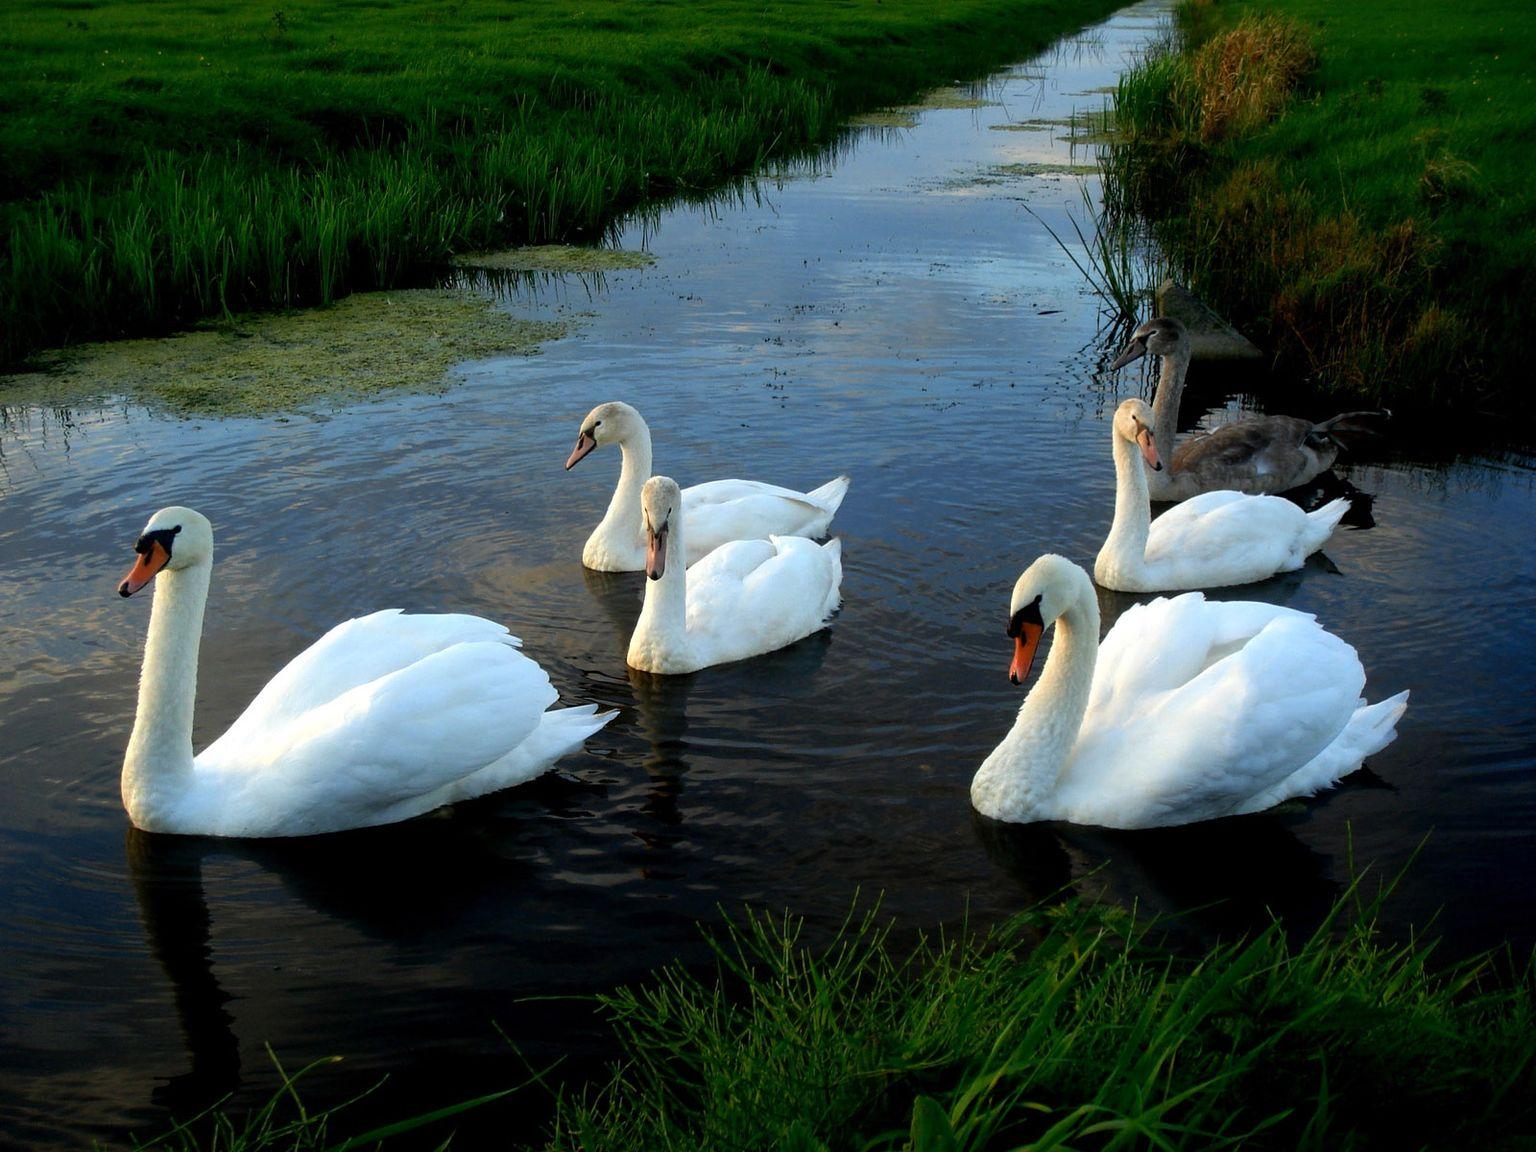 картинки необычных лебедей иконе поднялись без